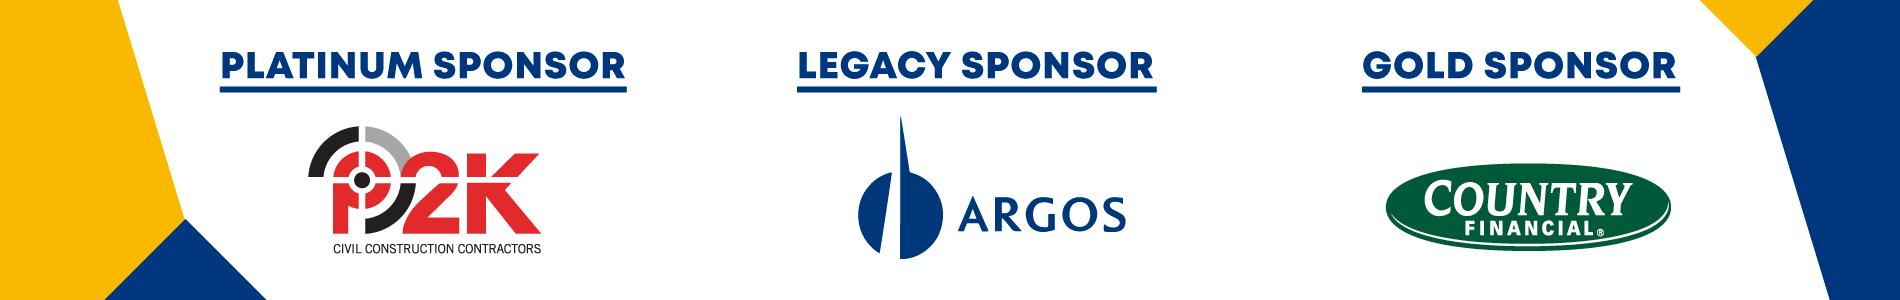 banner-sponsors-web